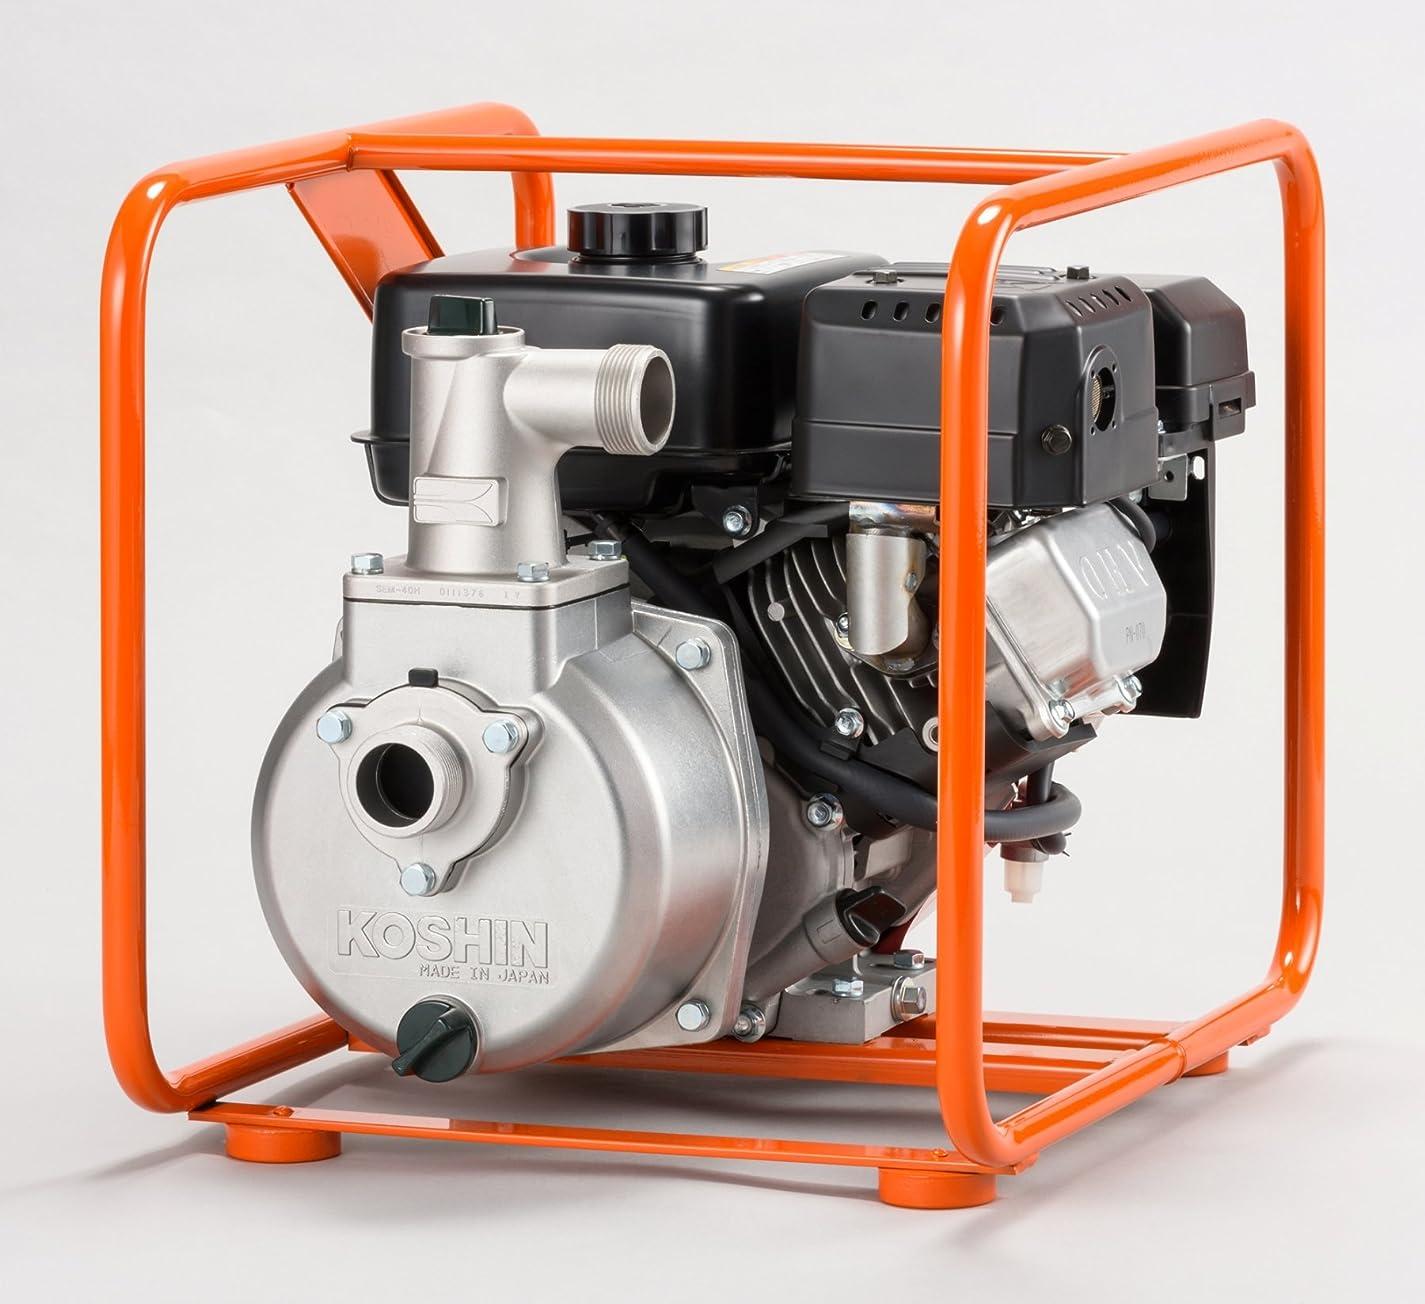 騒ぎ好ましいグラム工進 4サイクル エンジンポンプ ハイデルスポンプ SEM-40GB 40mm(1?1/2インチ) ミツビシエンジン搭載